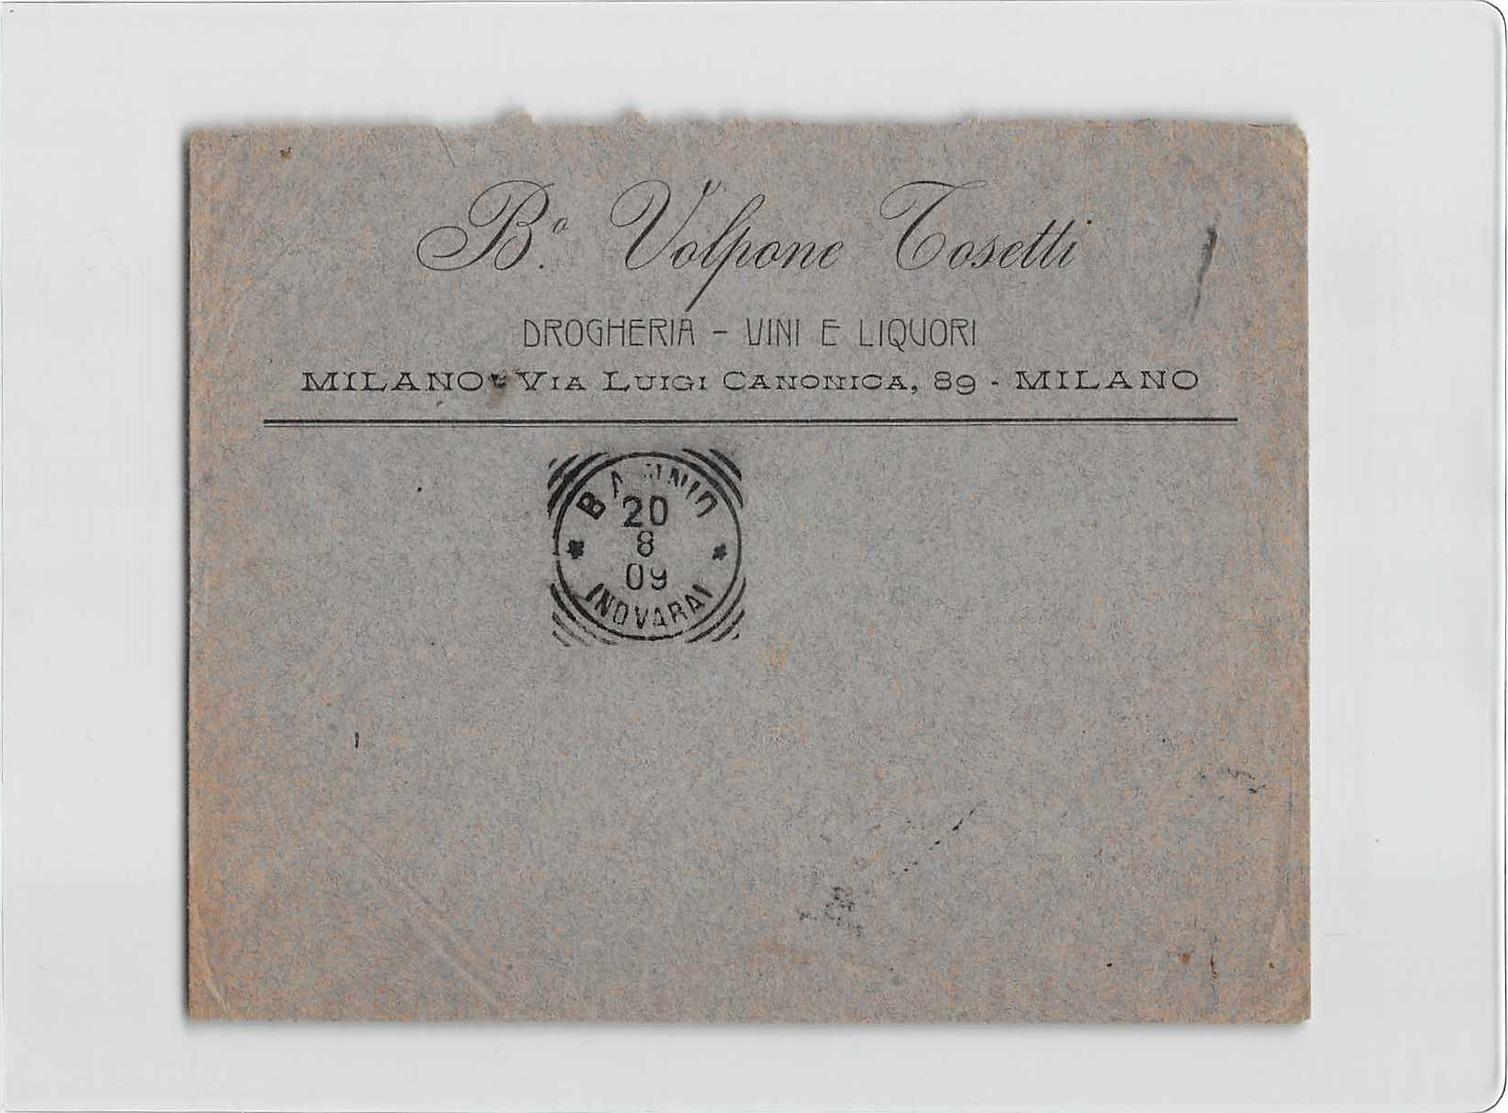 11914 03  VOLPONE TOSETTI DROGHERIA VINI LIQUORI MILANO X BANNIO - 1900-44 Victor Emmanuel III